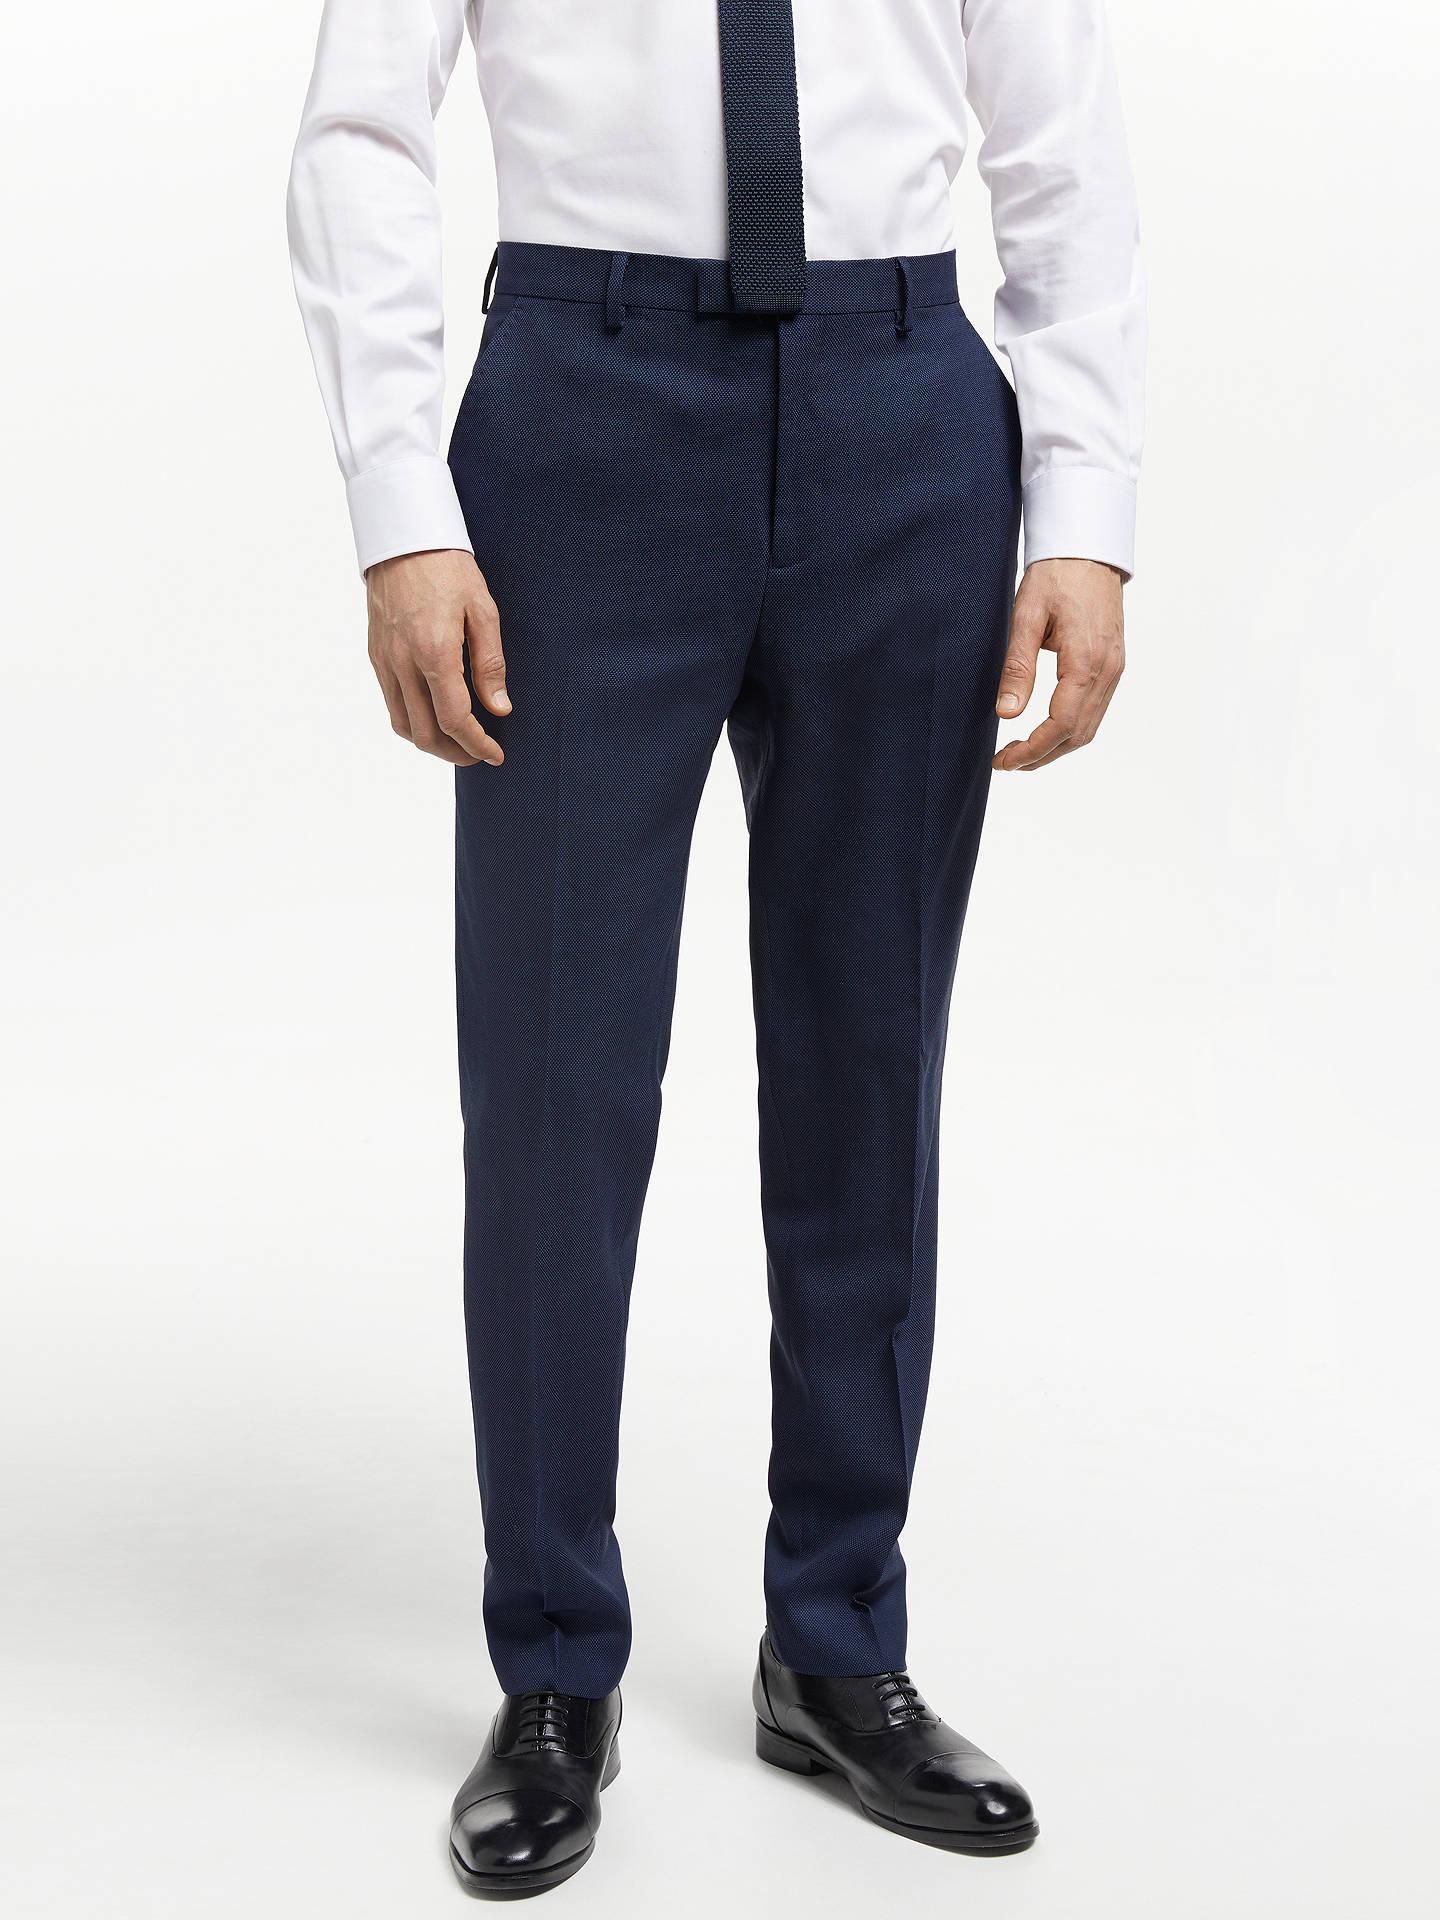 fd9b26b34aa8 Buy Ted Baker Bagel Birdseye Tailored Suit Trousers